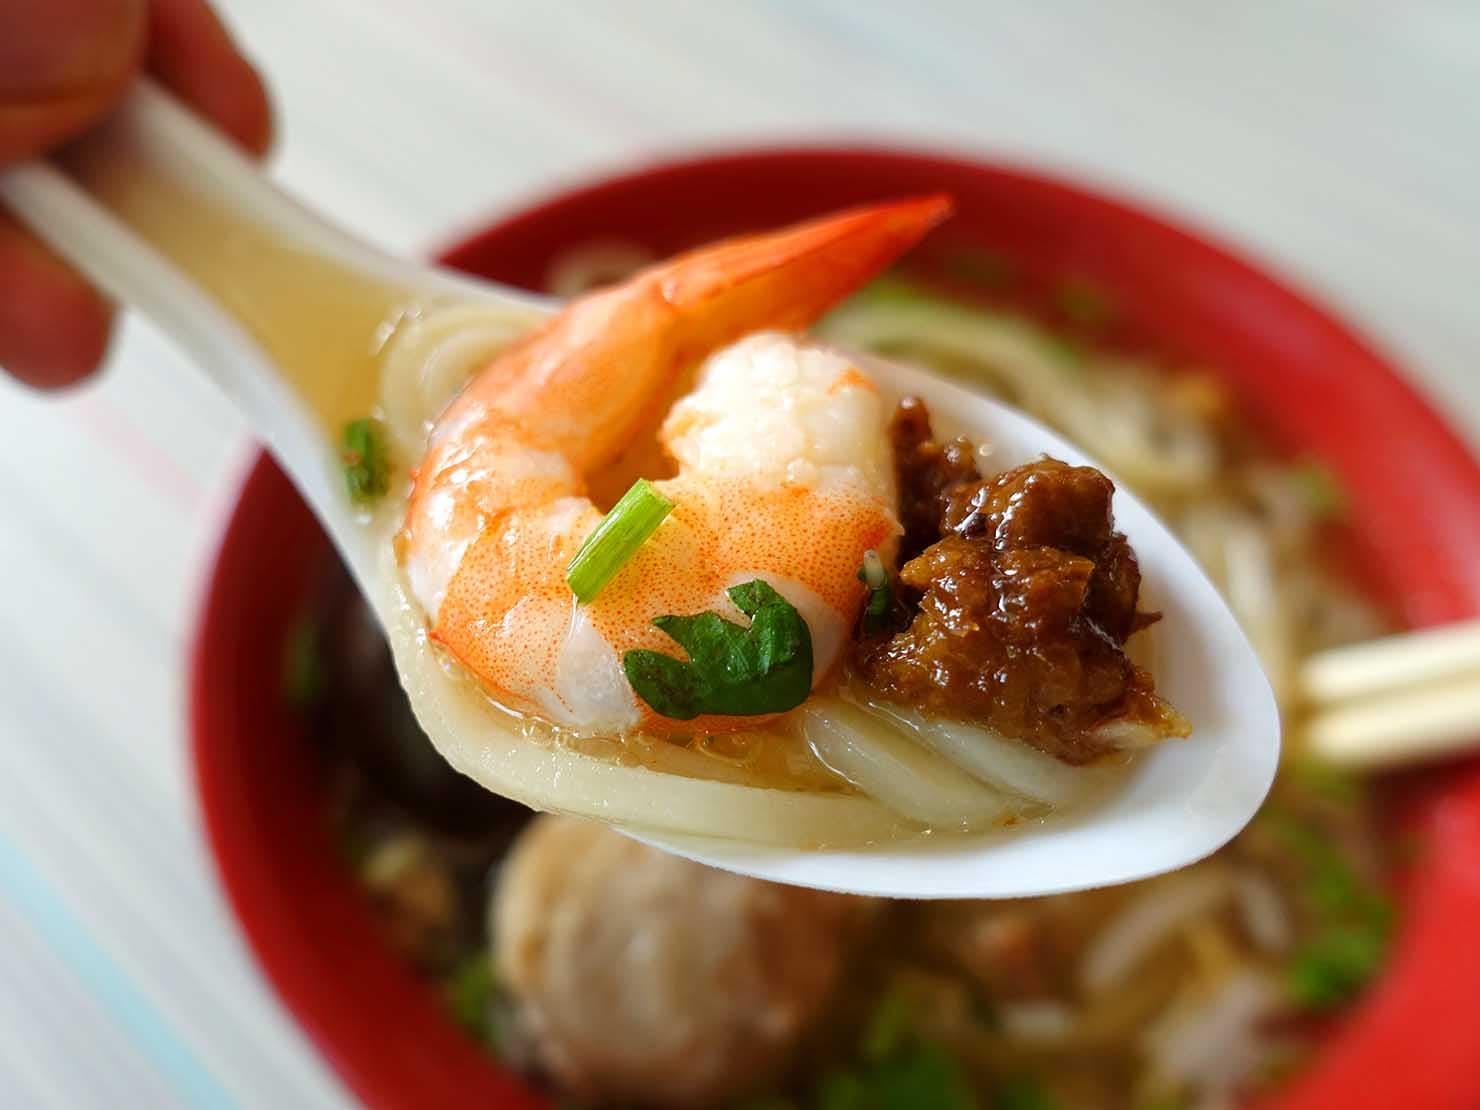 台南・赤崁樓周辺のおすすめグルメ店「度小月擔仔麵」の擔仔麵(煮卵付き)クローズアップ